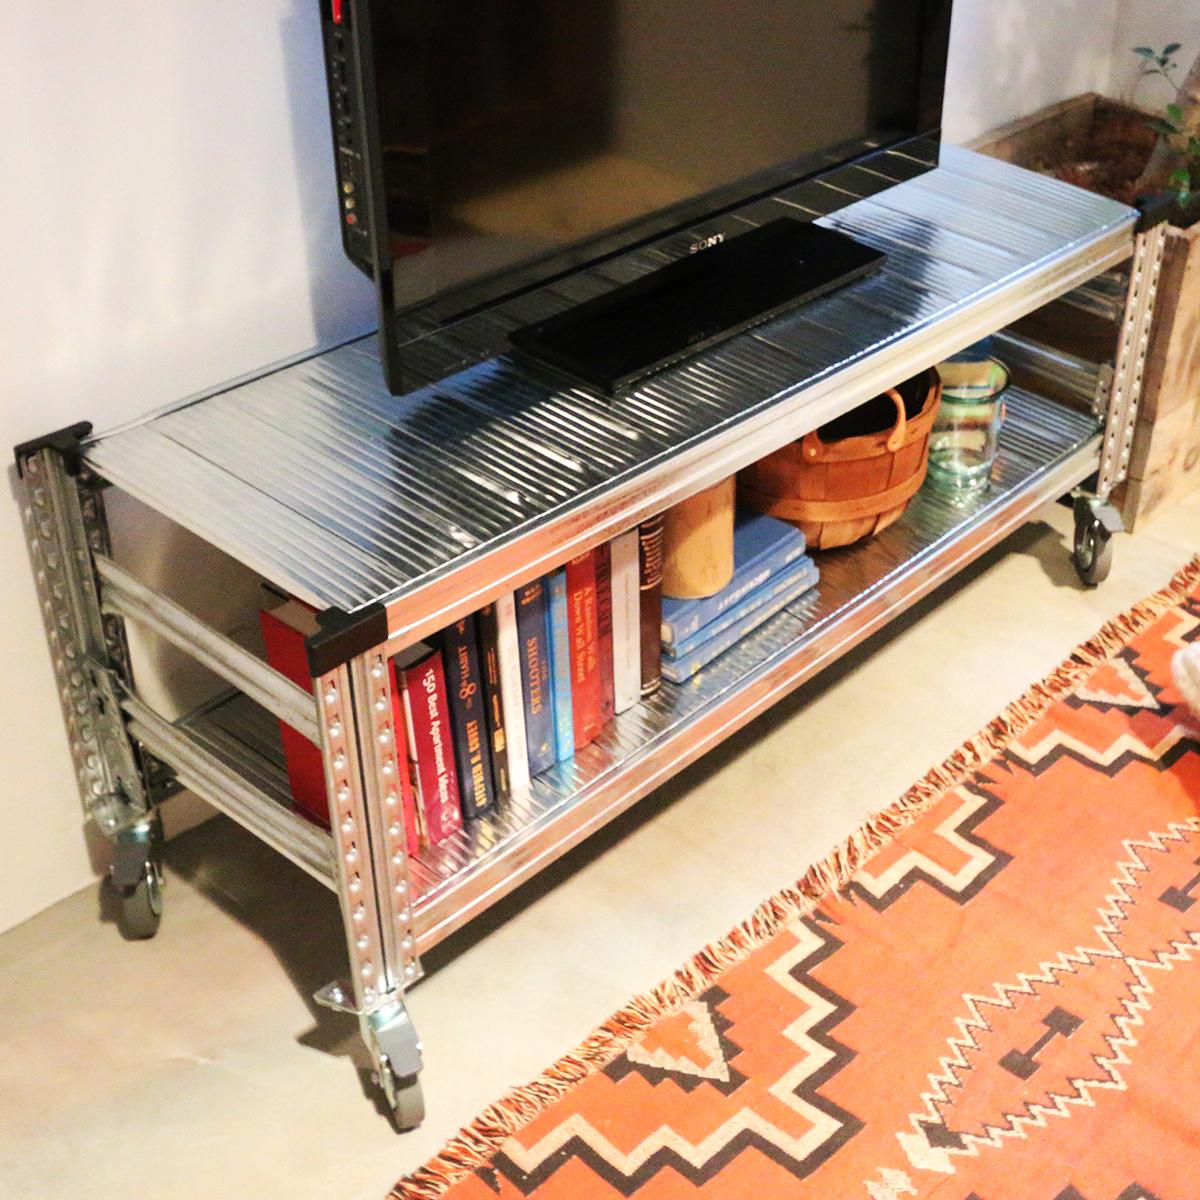 THE TASTEMAKERS & CO.|TVボード | 世界のメゾンブランドのバックヤードでも愛用される、組み立て簡単、軽量スチールTVボード | STEEL TV BOARD